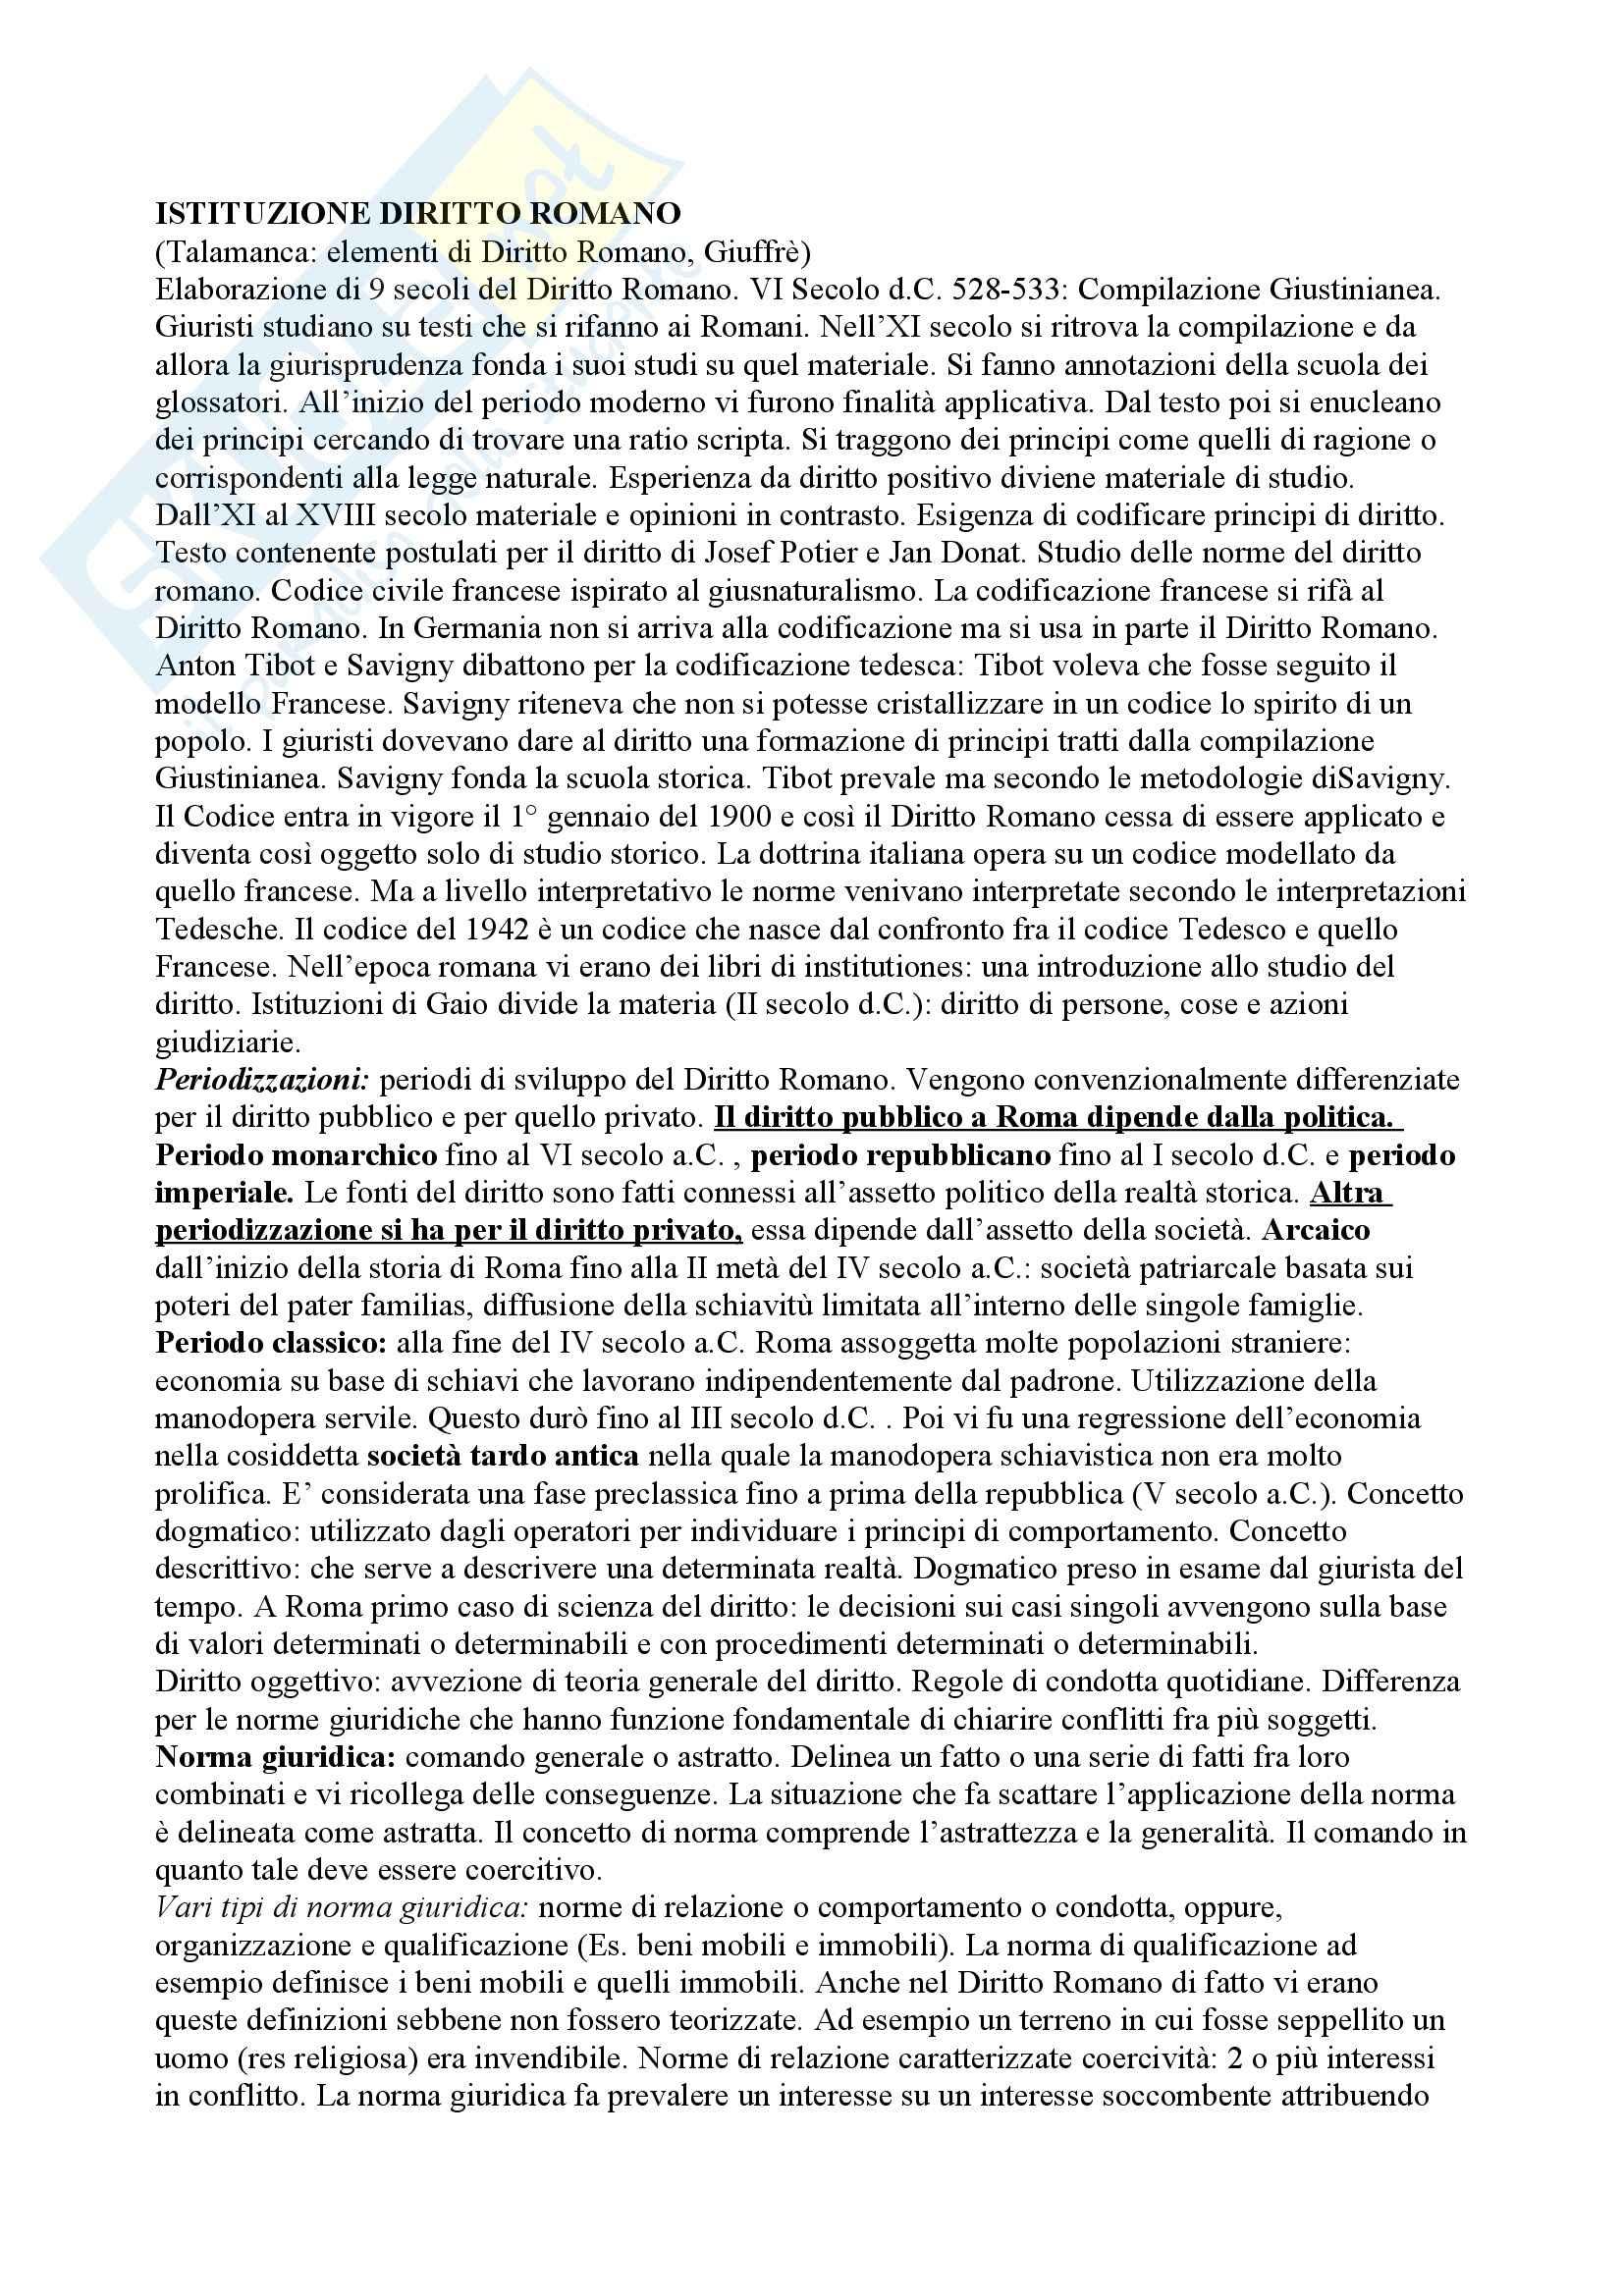 Diritto romano - nozioni principali